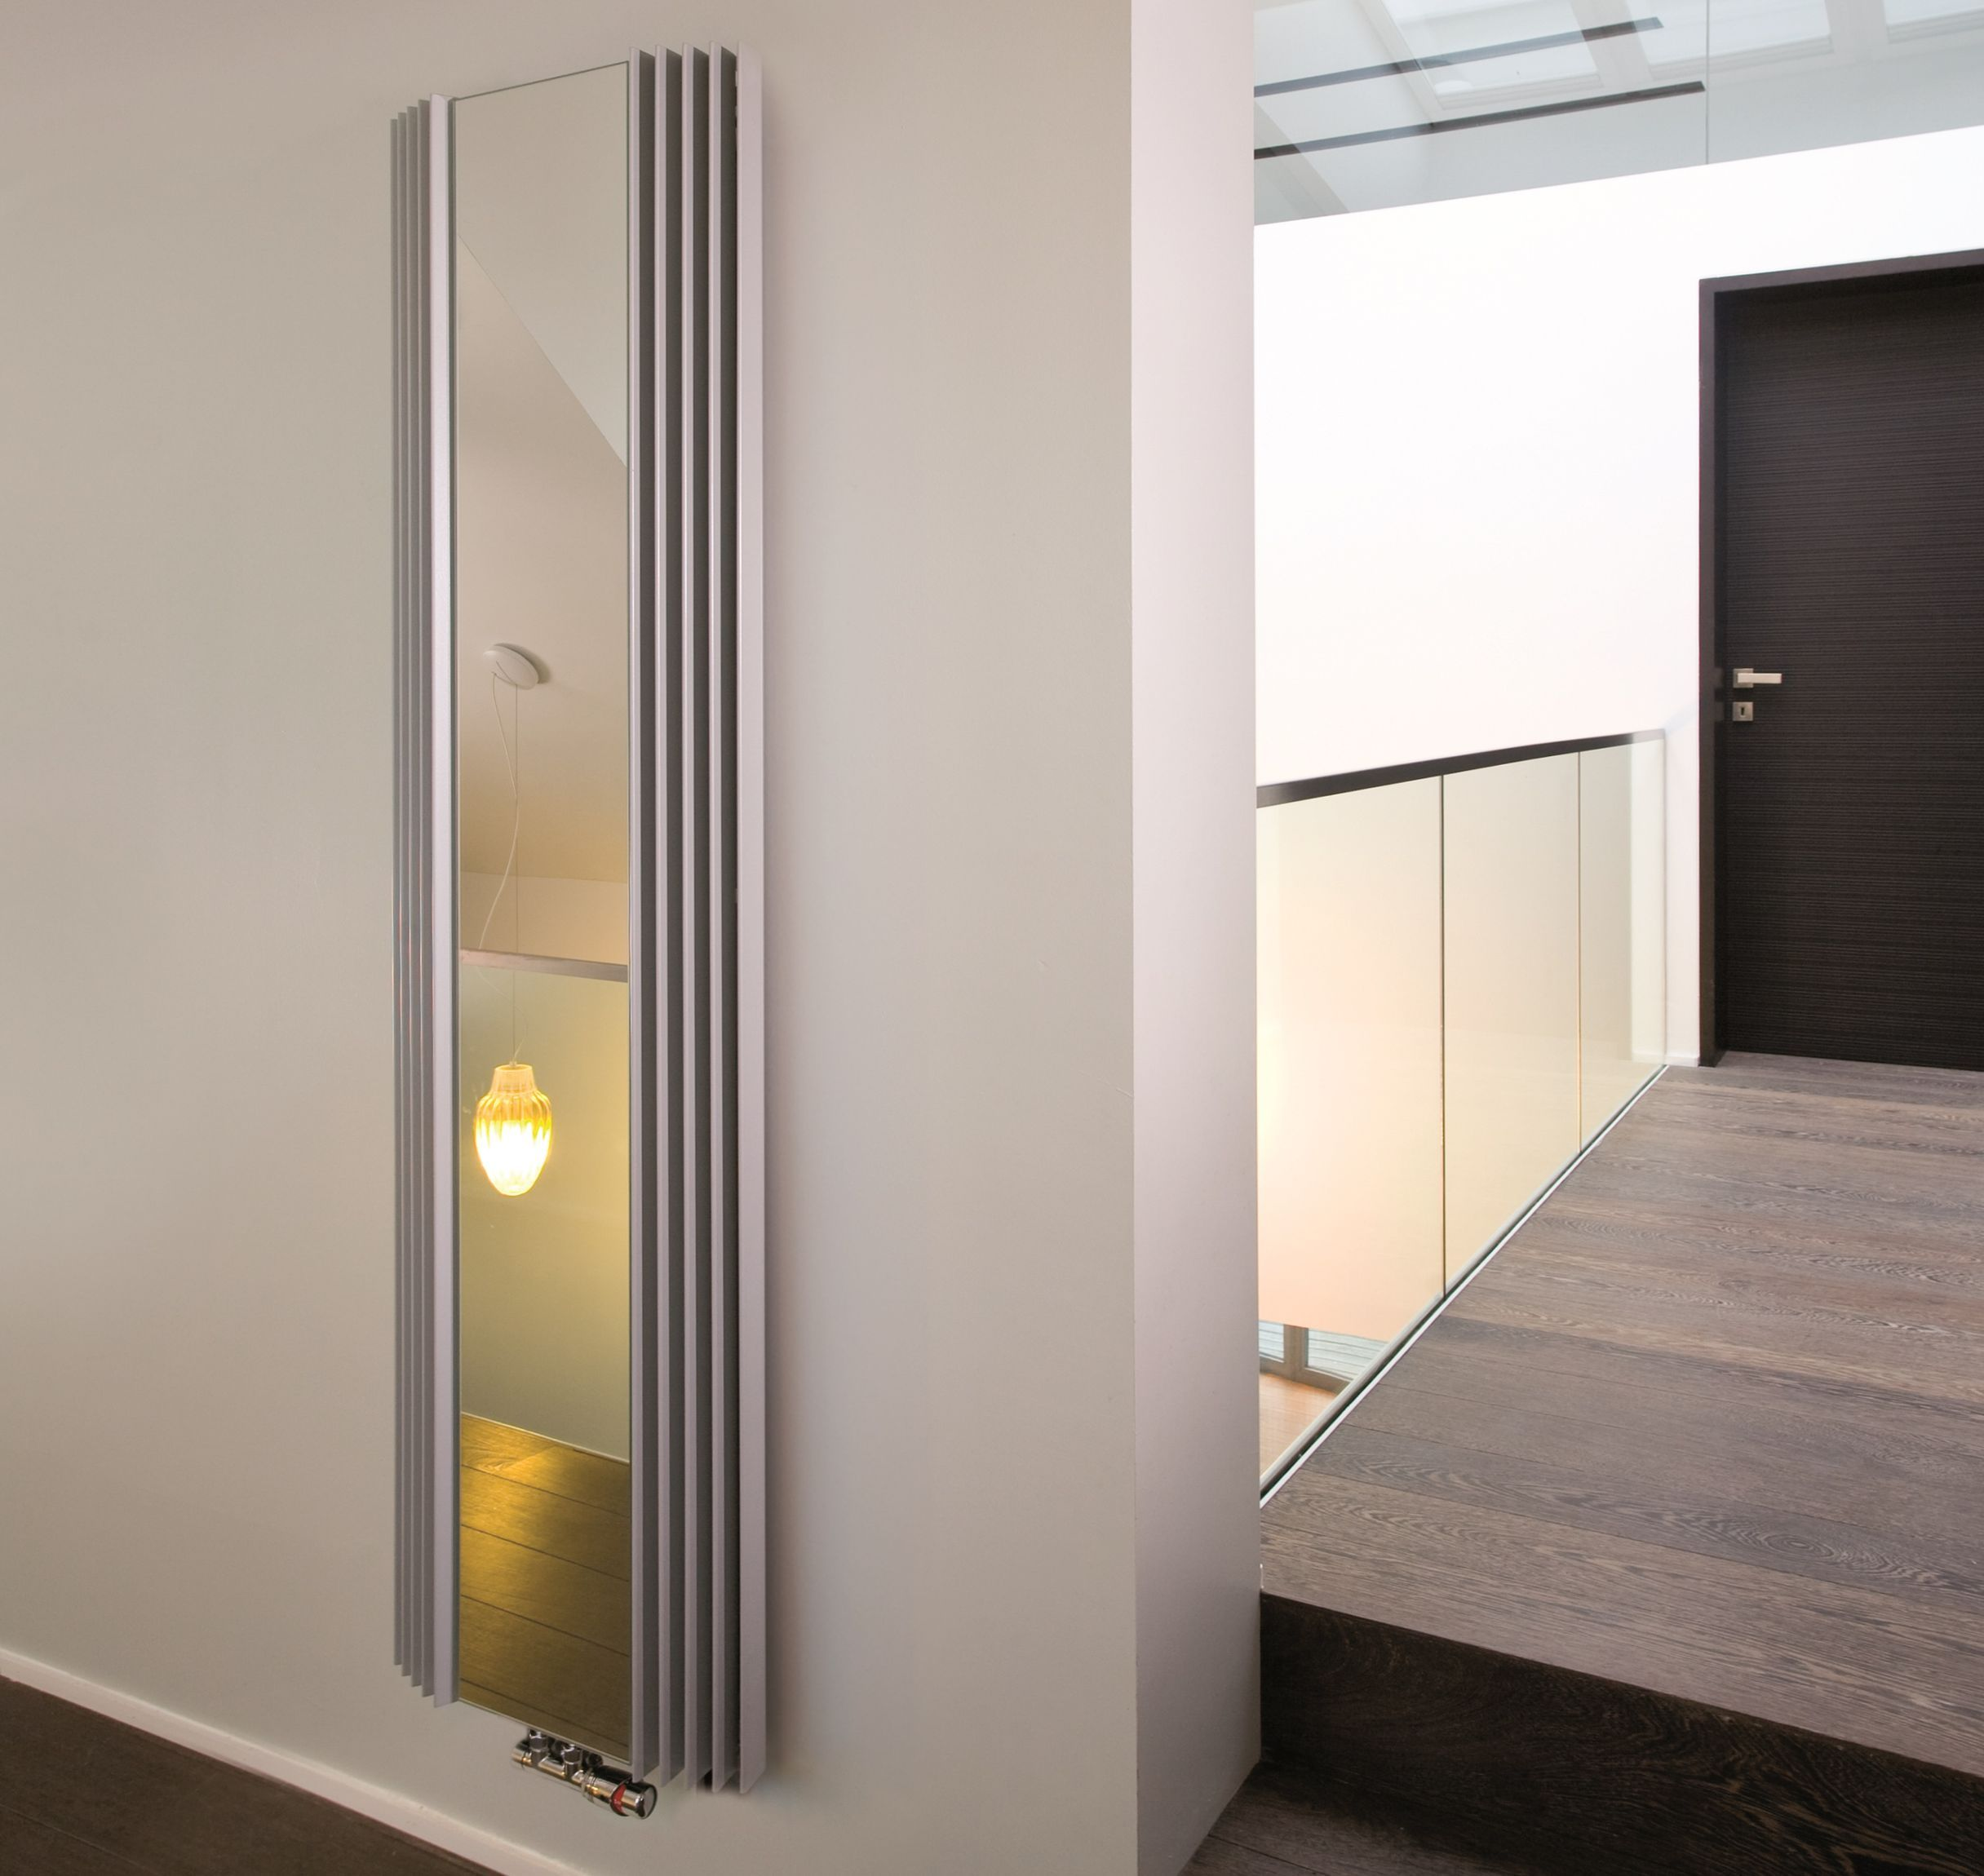 Design Heizkorper Spiegel 220 X Ab 51 Cm Ab 1042 Watt In 2020 Design Heizkorper Design Badheizkorper Und Haus Deko